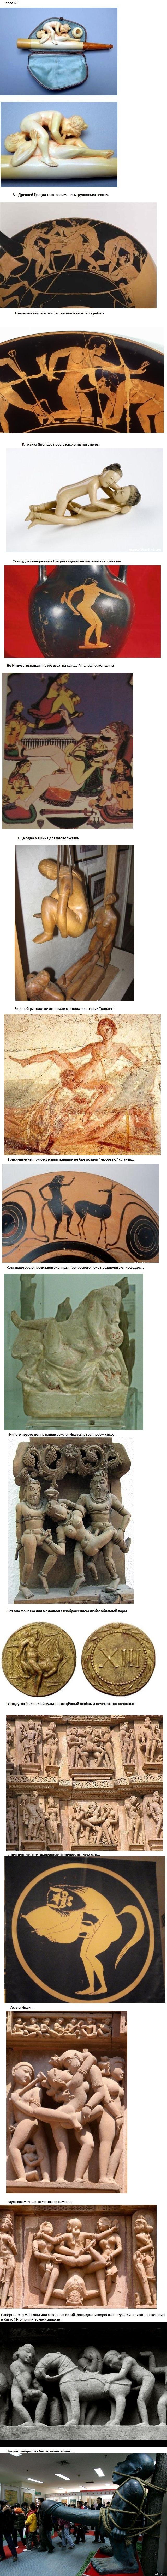 Сэкс ролики про древний рим 5 фотография